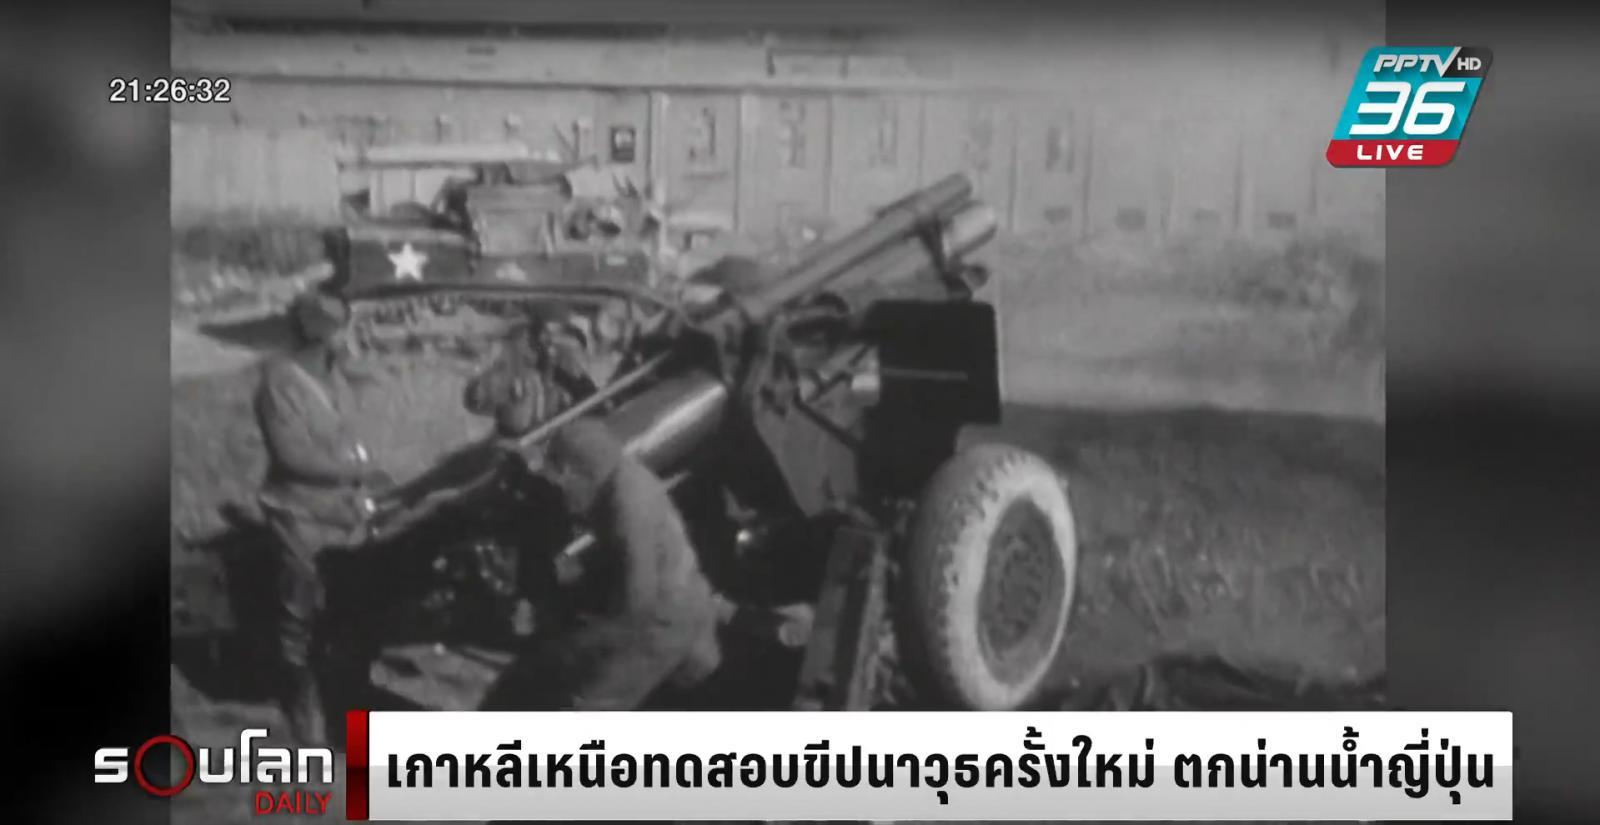 เกาหลีเหนือ ทดสอบขีปนาวุธครั้งใหม่ ก่อนฑูตขึ้นกล่าวเวทียูเอ็น